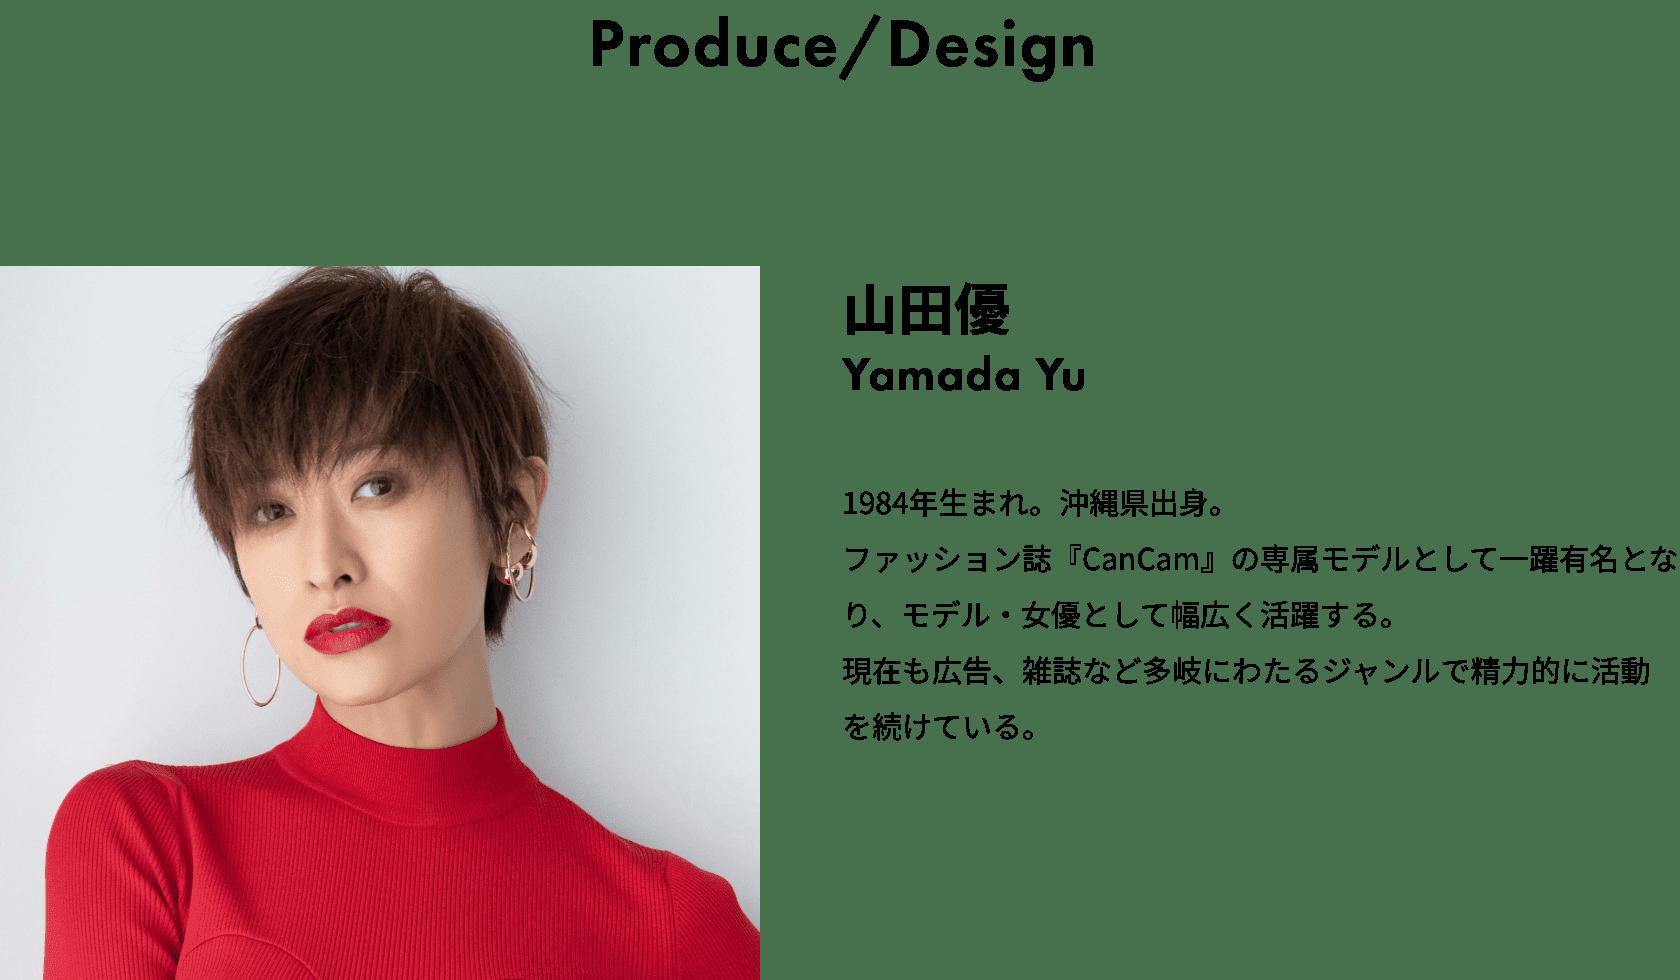 Produce/Design 山田優 Yamada Yu 1984年生まれ。沖縄県出身。ファッション誌『CanCam』の専属モデルとして一躍有名となり、モデル・女優として幅広く活躍する。現在も広告、雑誌など多岐にわたるジャンルで精力的に活動を続けている。